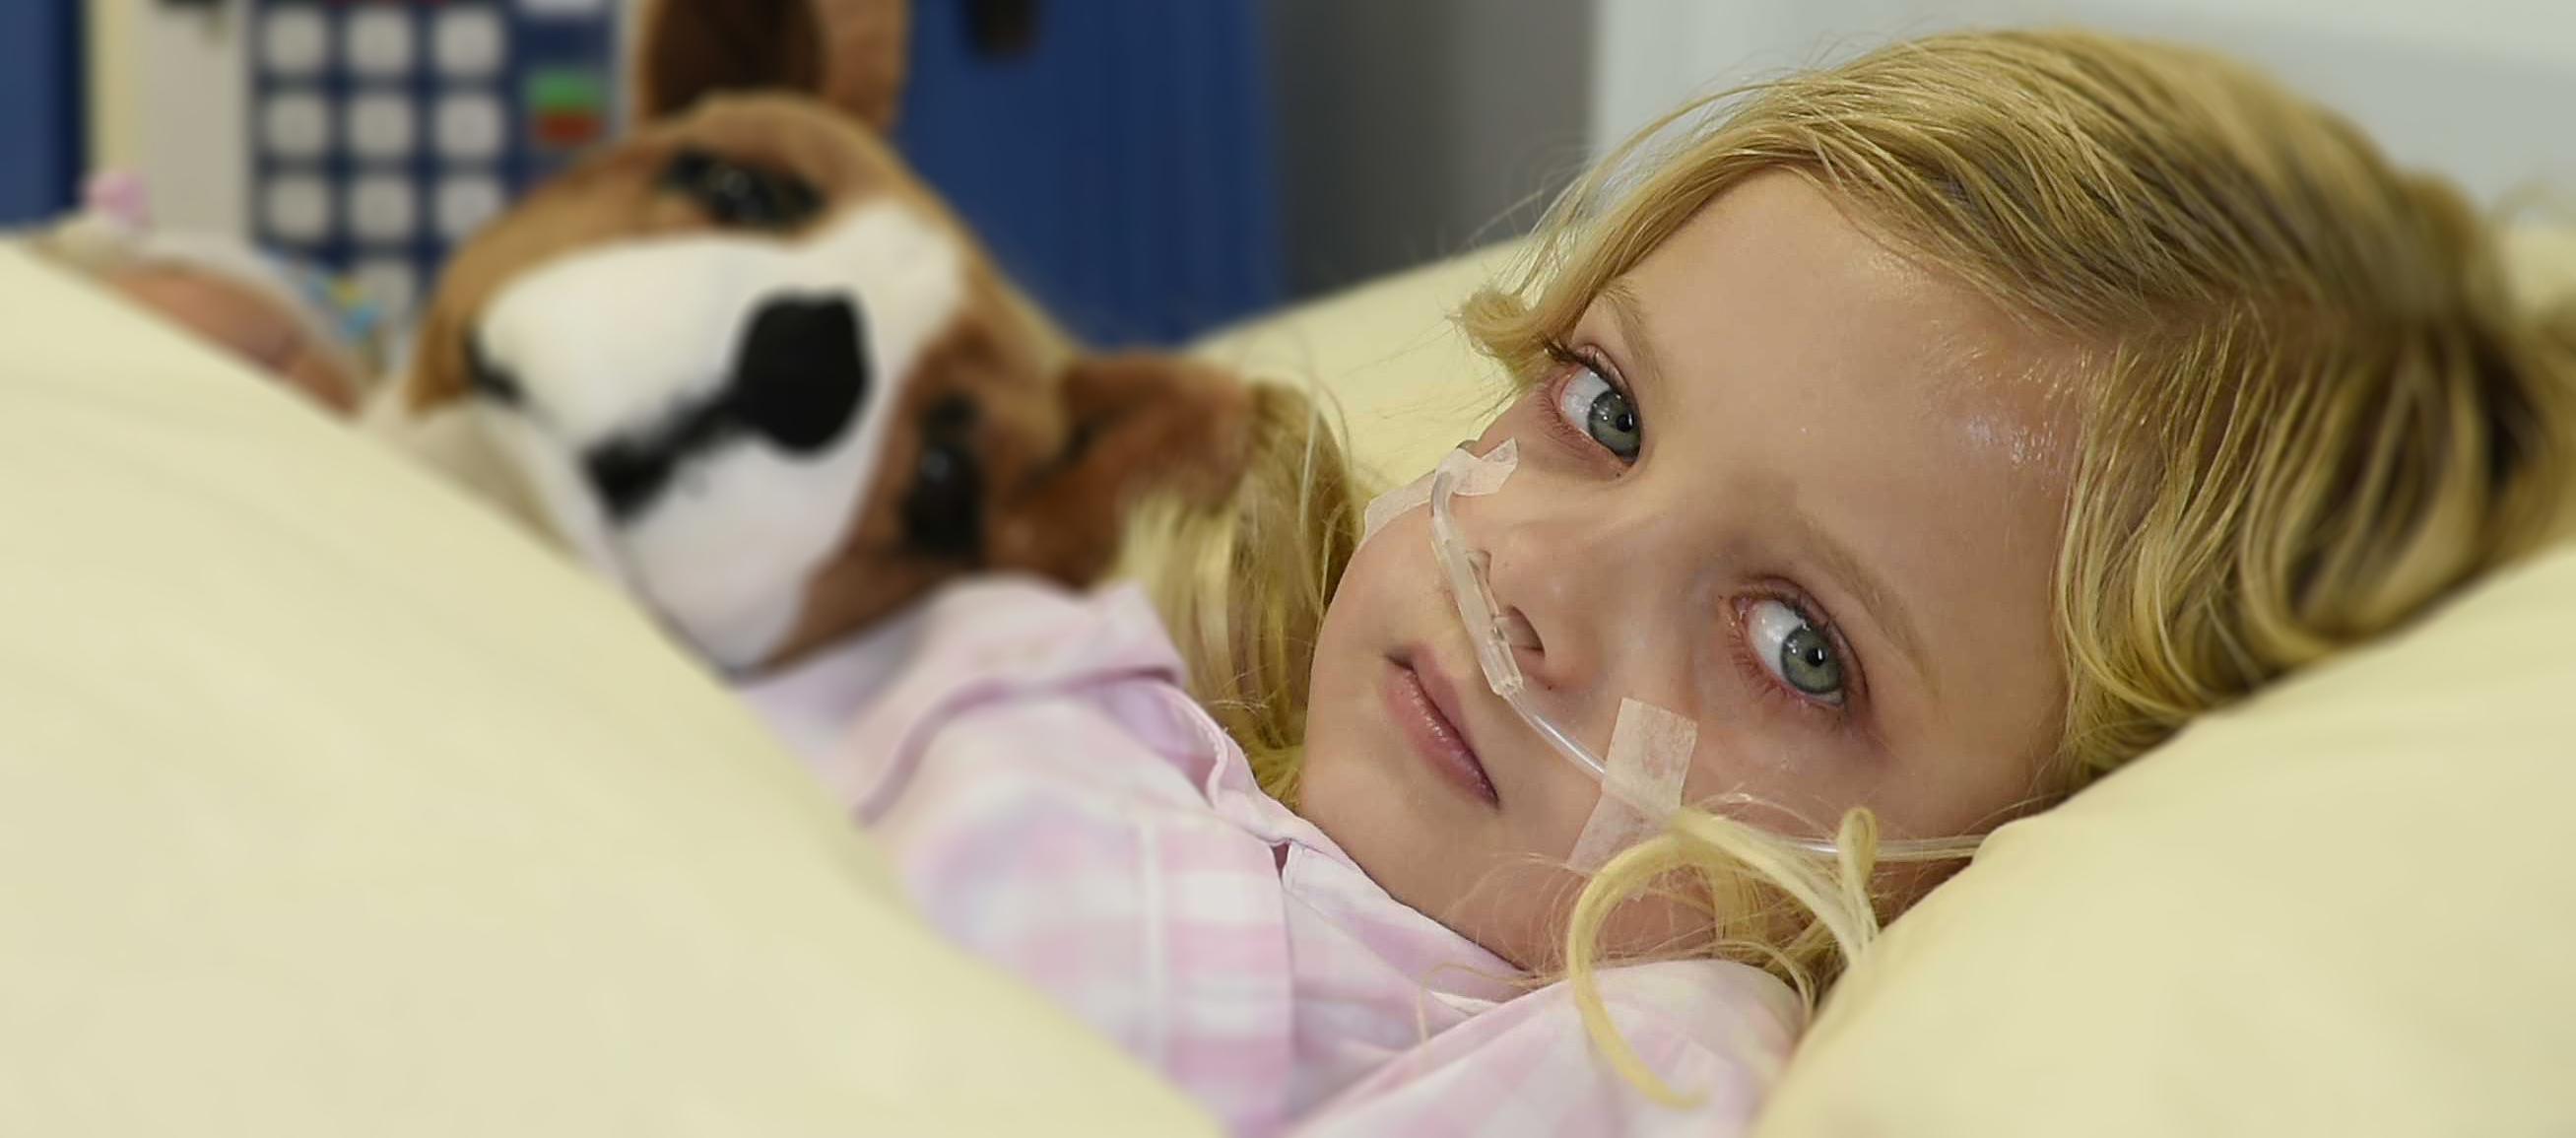 Für ein krankes Kind wie Hannah zählt jeder Augenblick! Bitte spenden Sie!